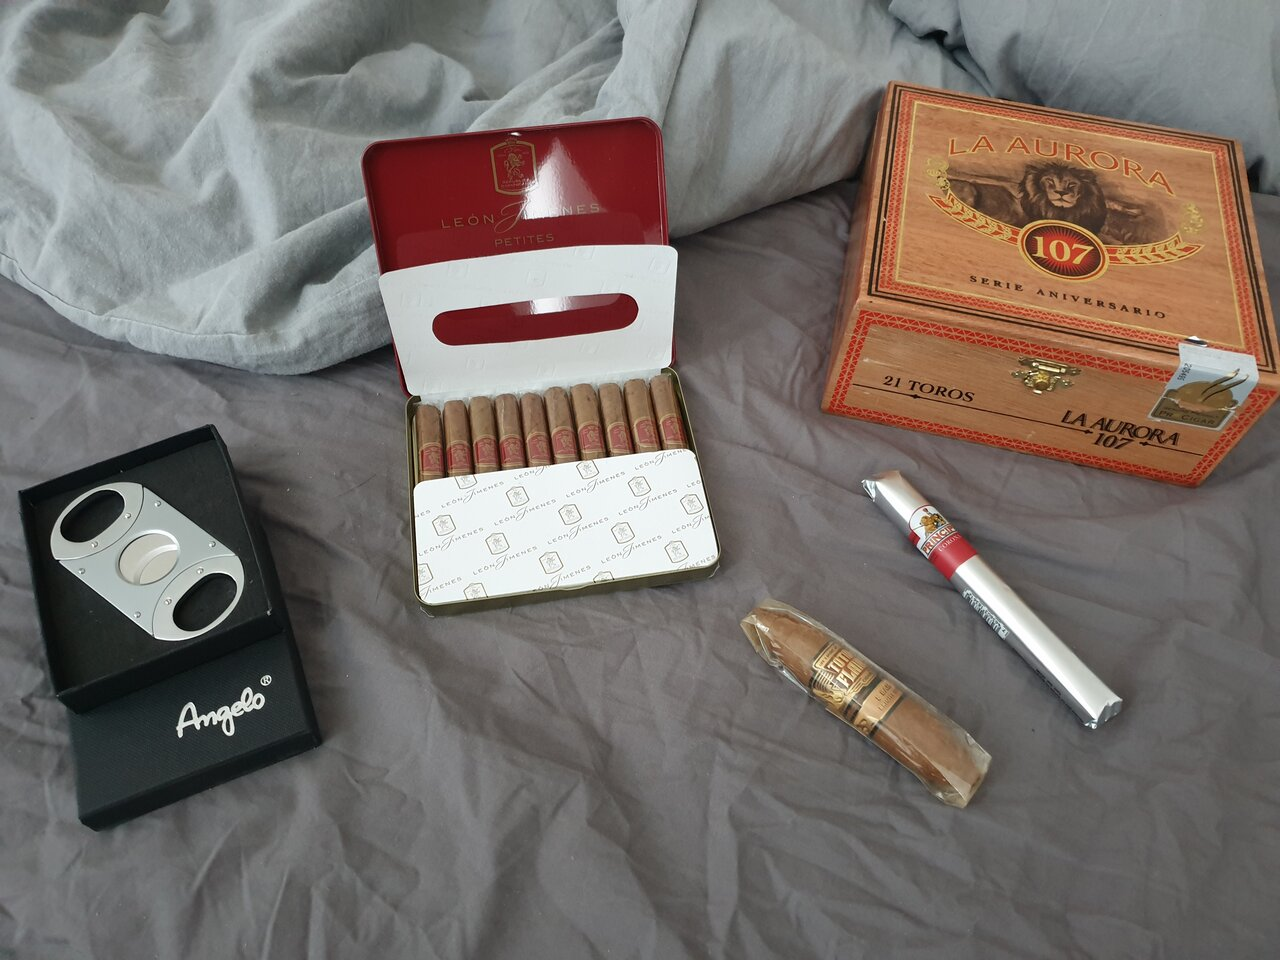 Табачные изделия интернет магазин екатеринбург сигареты из сша купить в москве в розницу